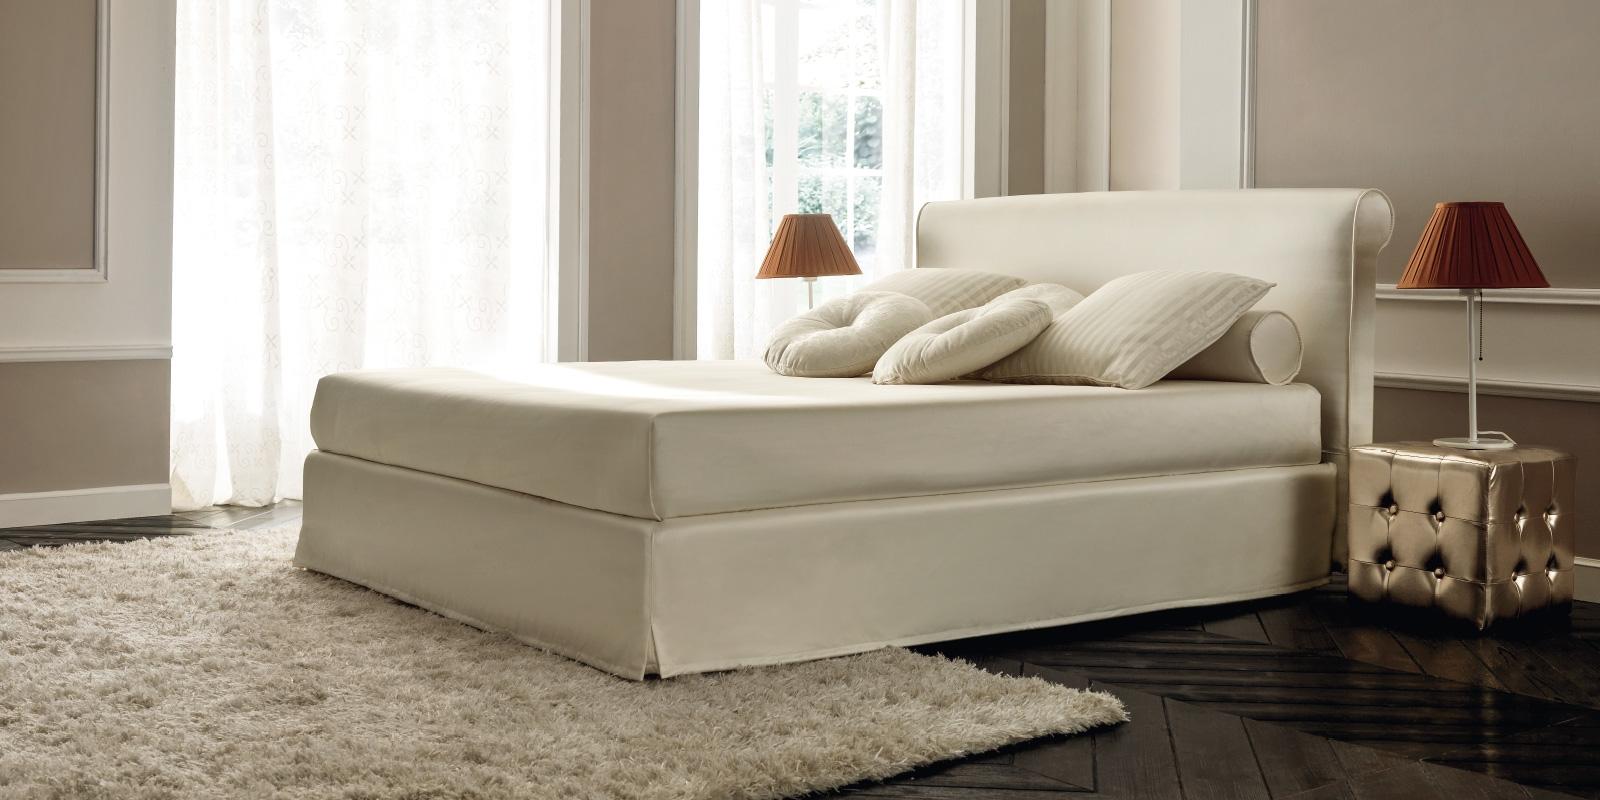 Letto alla francese letto imbottito slim style with letto - Camera da letto in francese ...